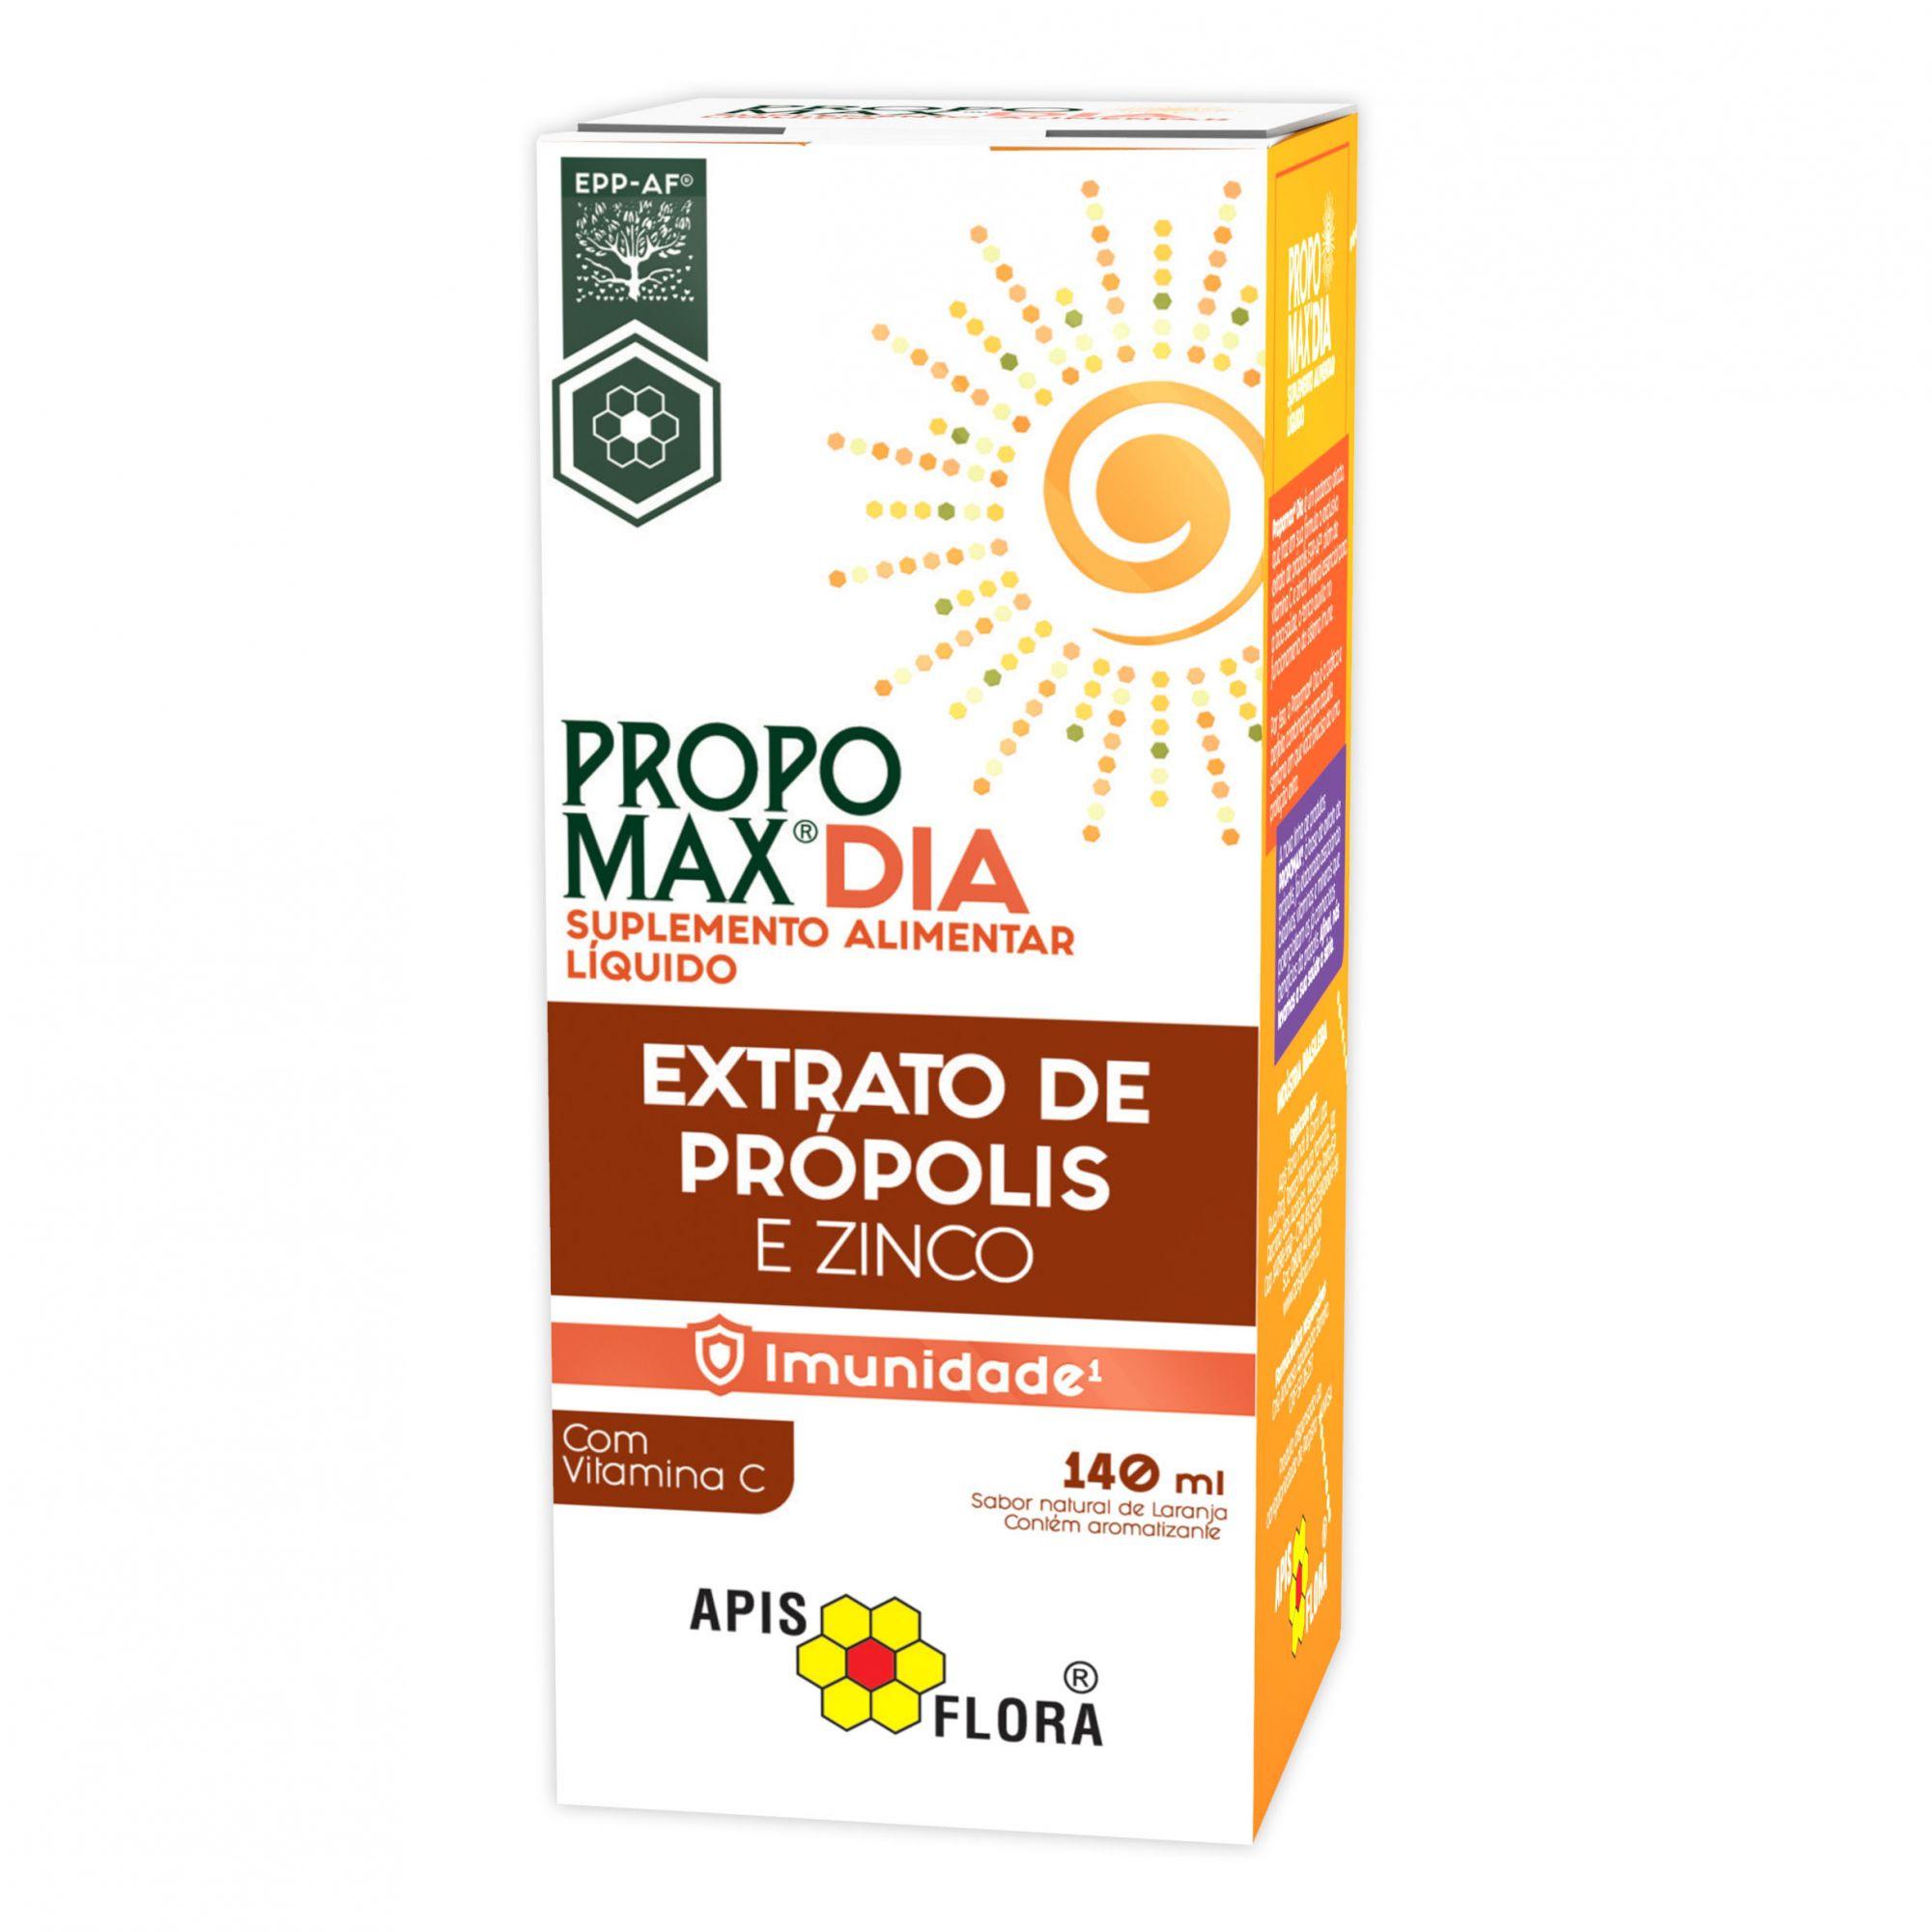 Propomax Dia Apis Flora 140 ml